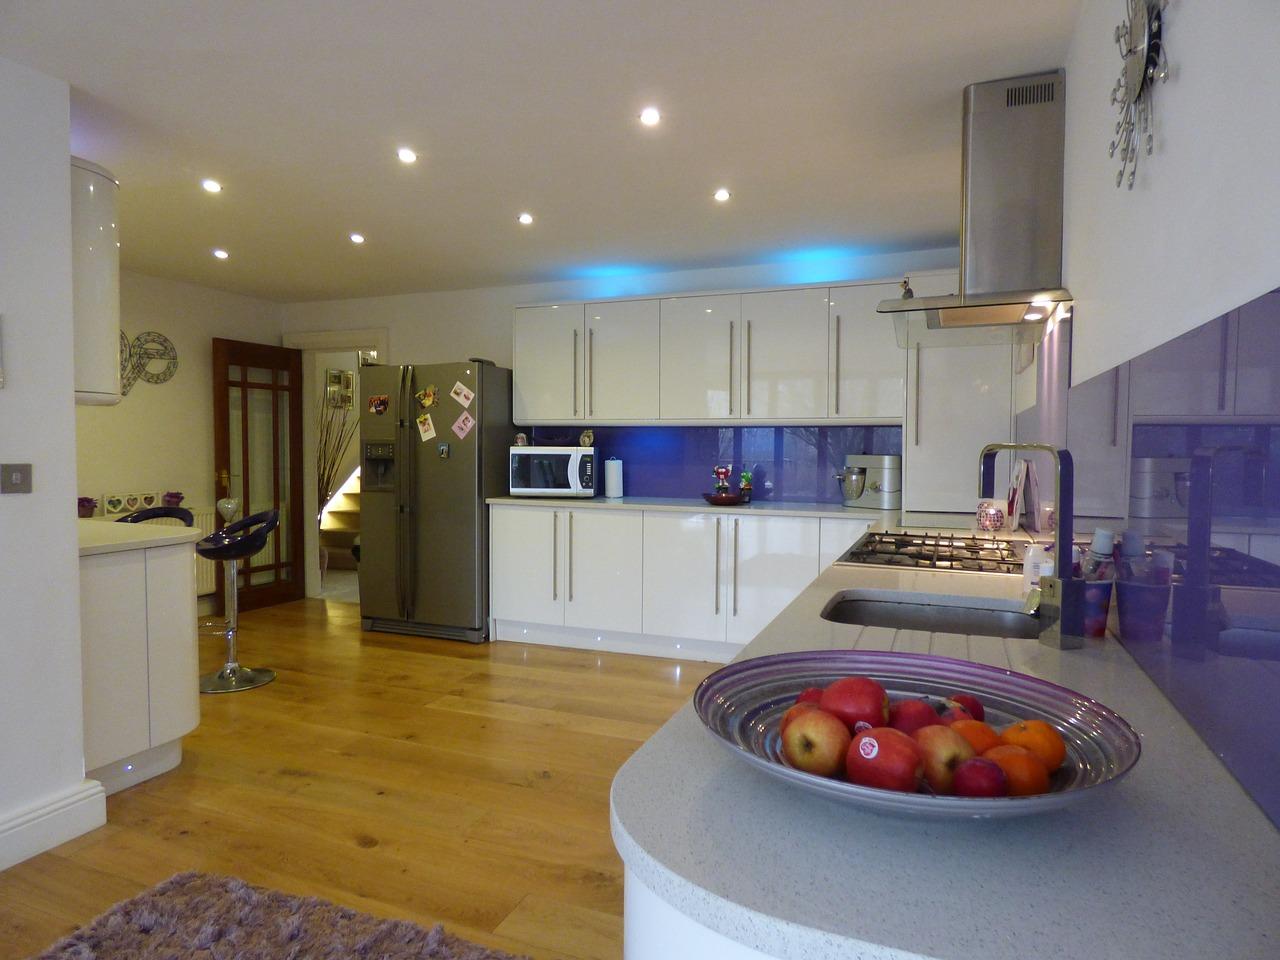 Kitchen Home White Gloss Interior  - sean891 / Pixabay